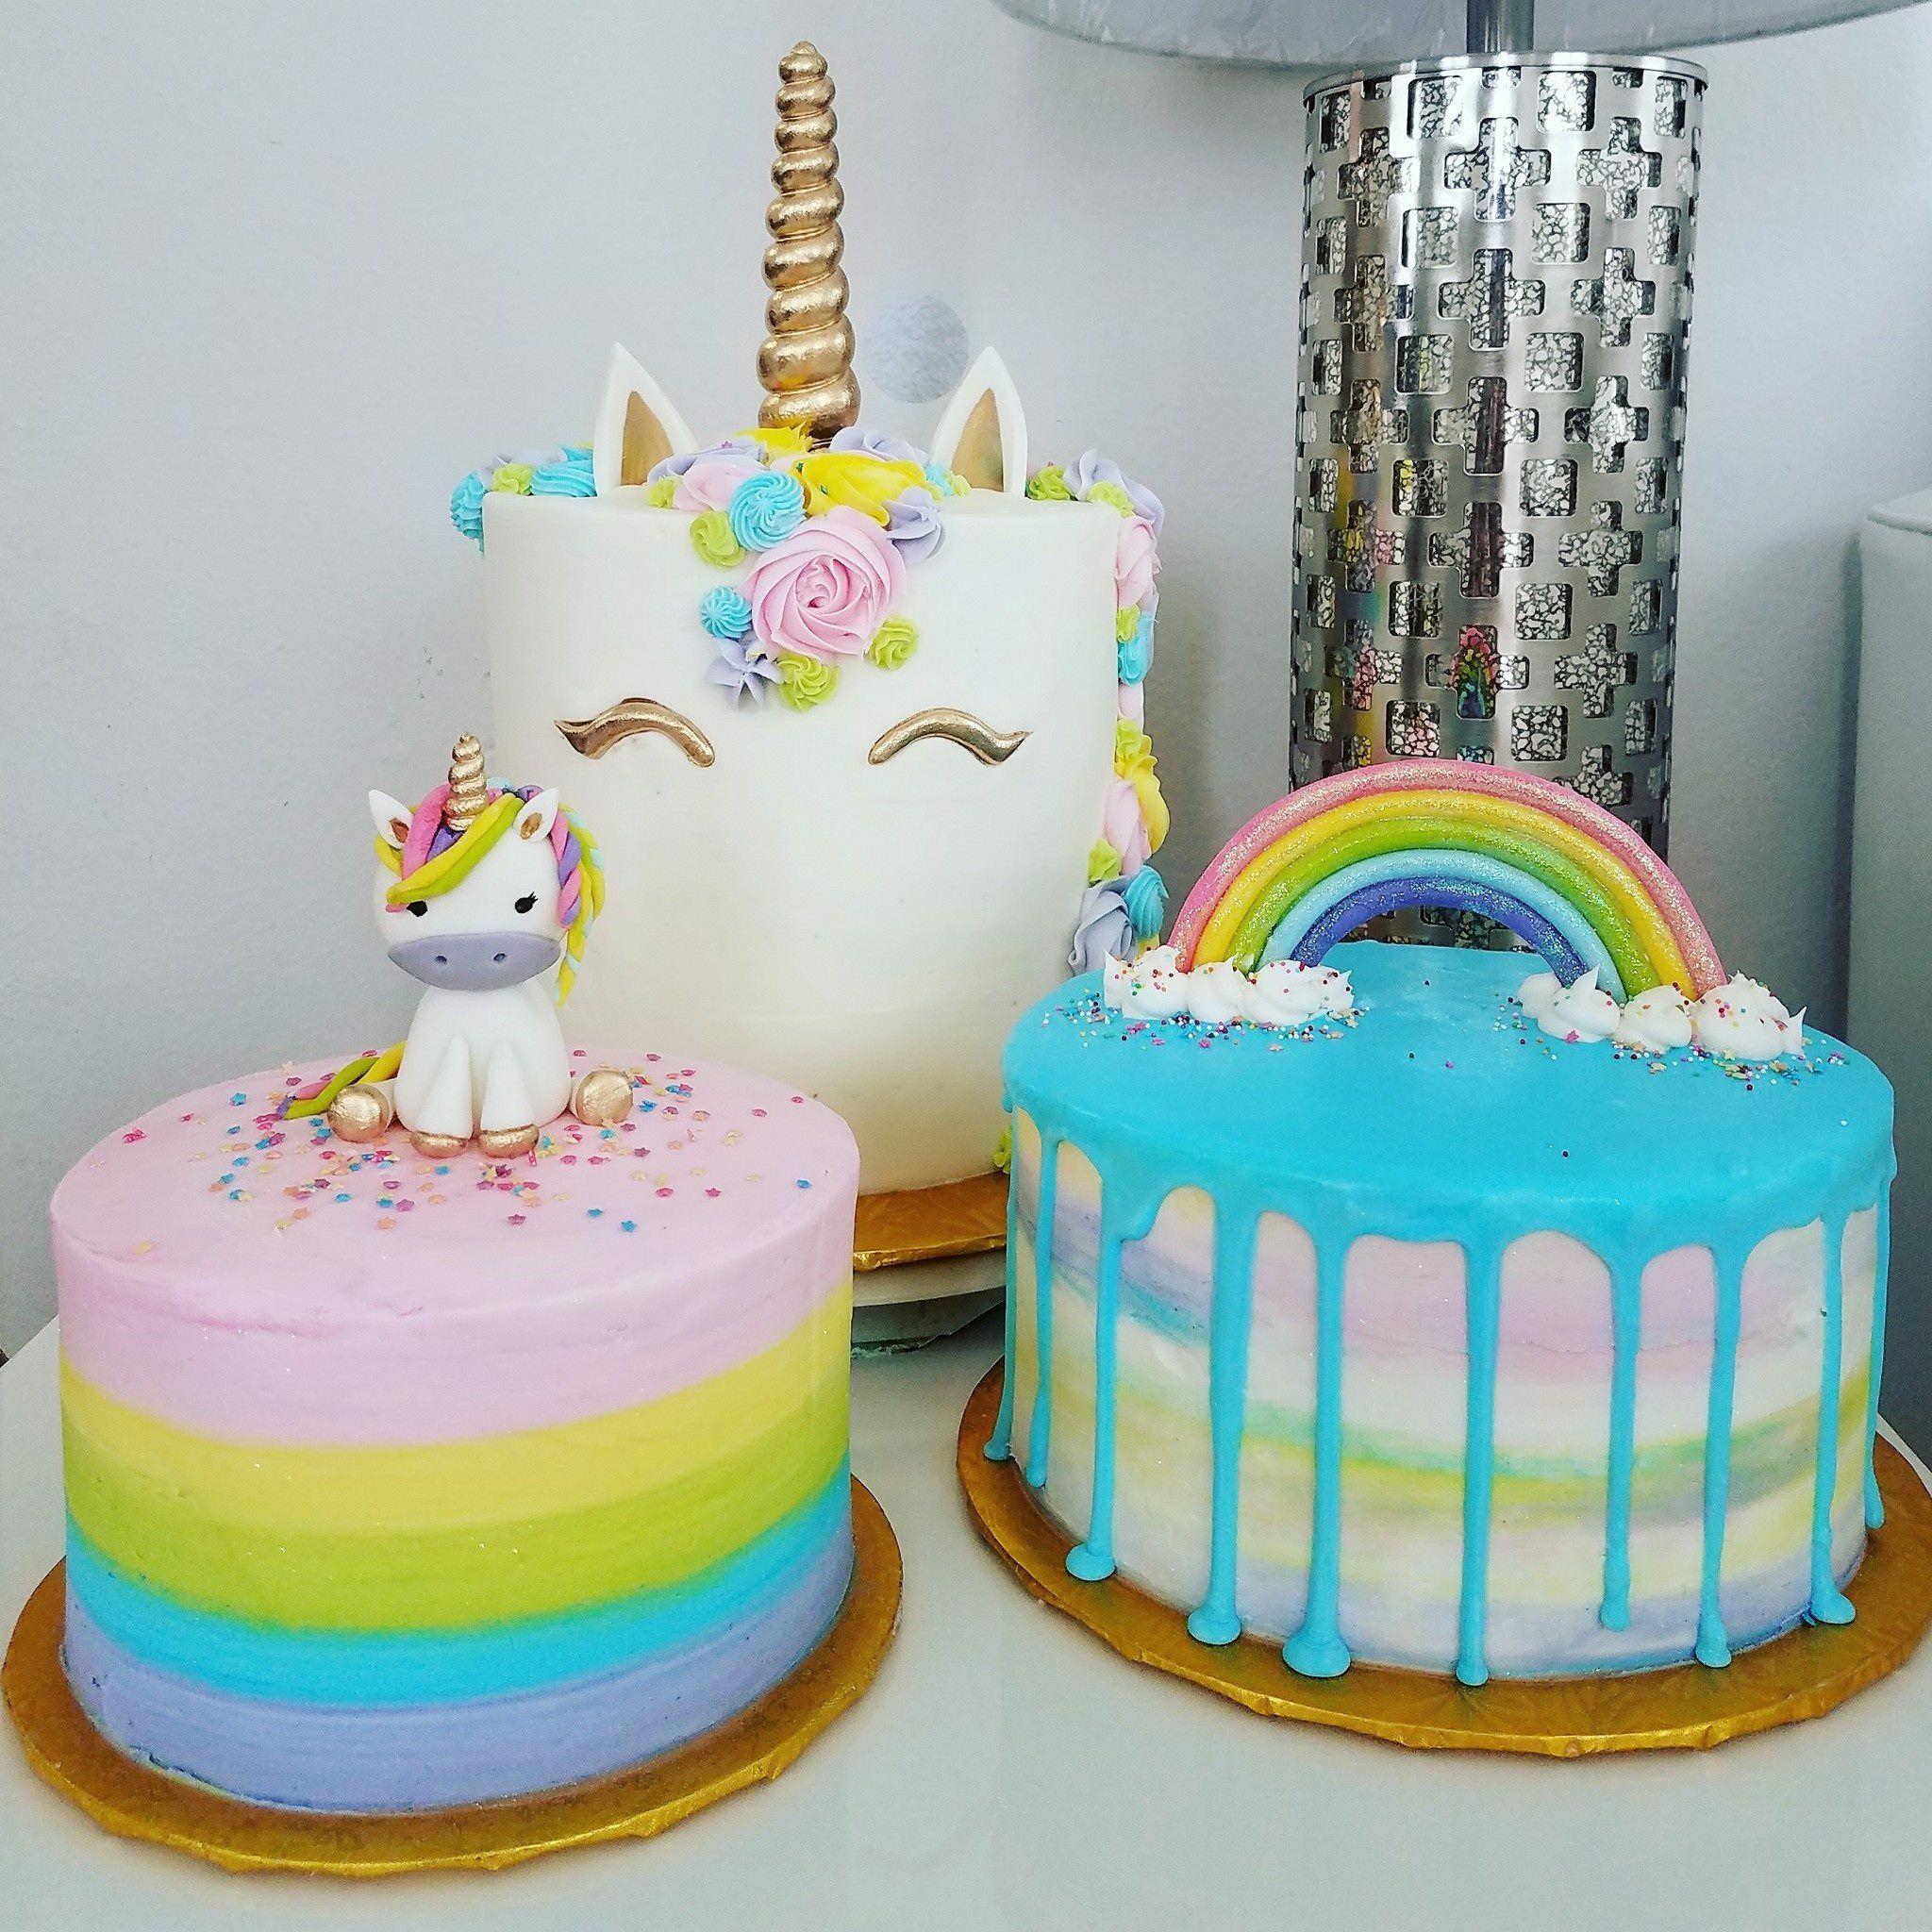 Backen Birthday Cake Cookies Geburtstagskuchen Geburtstagsideen Brownie cupcakes Cupcake Kuchen Alles Gute Zum Geburtstag Schöne Kuchen